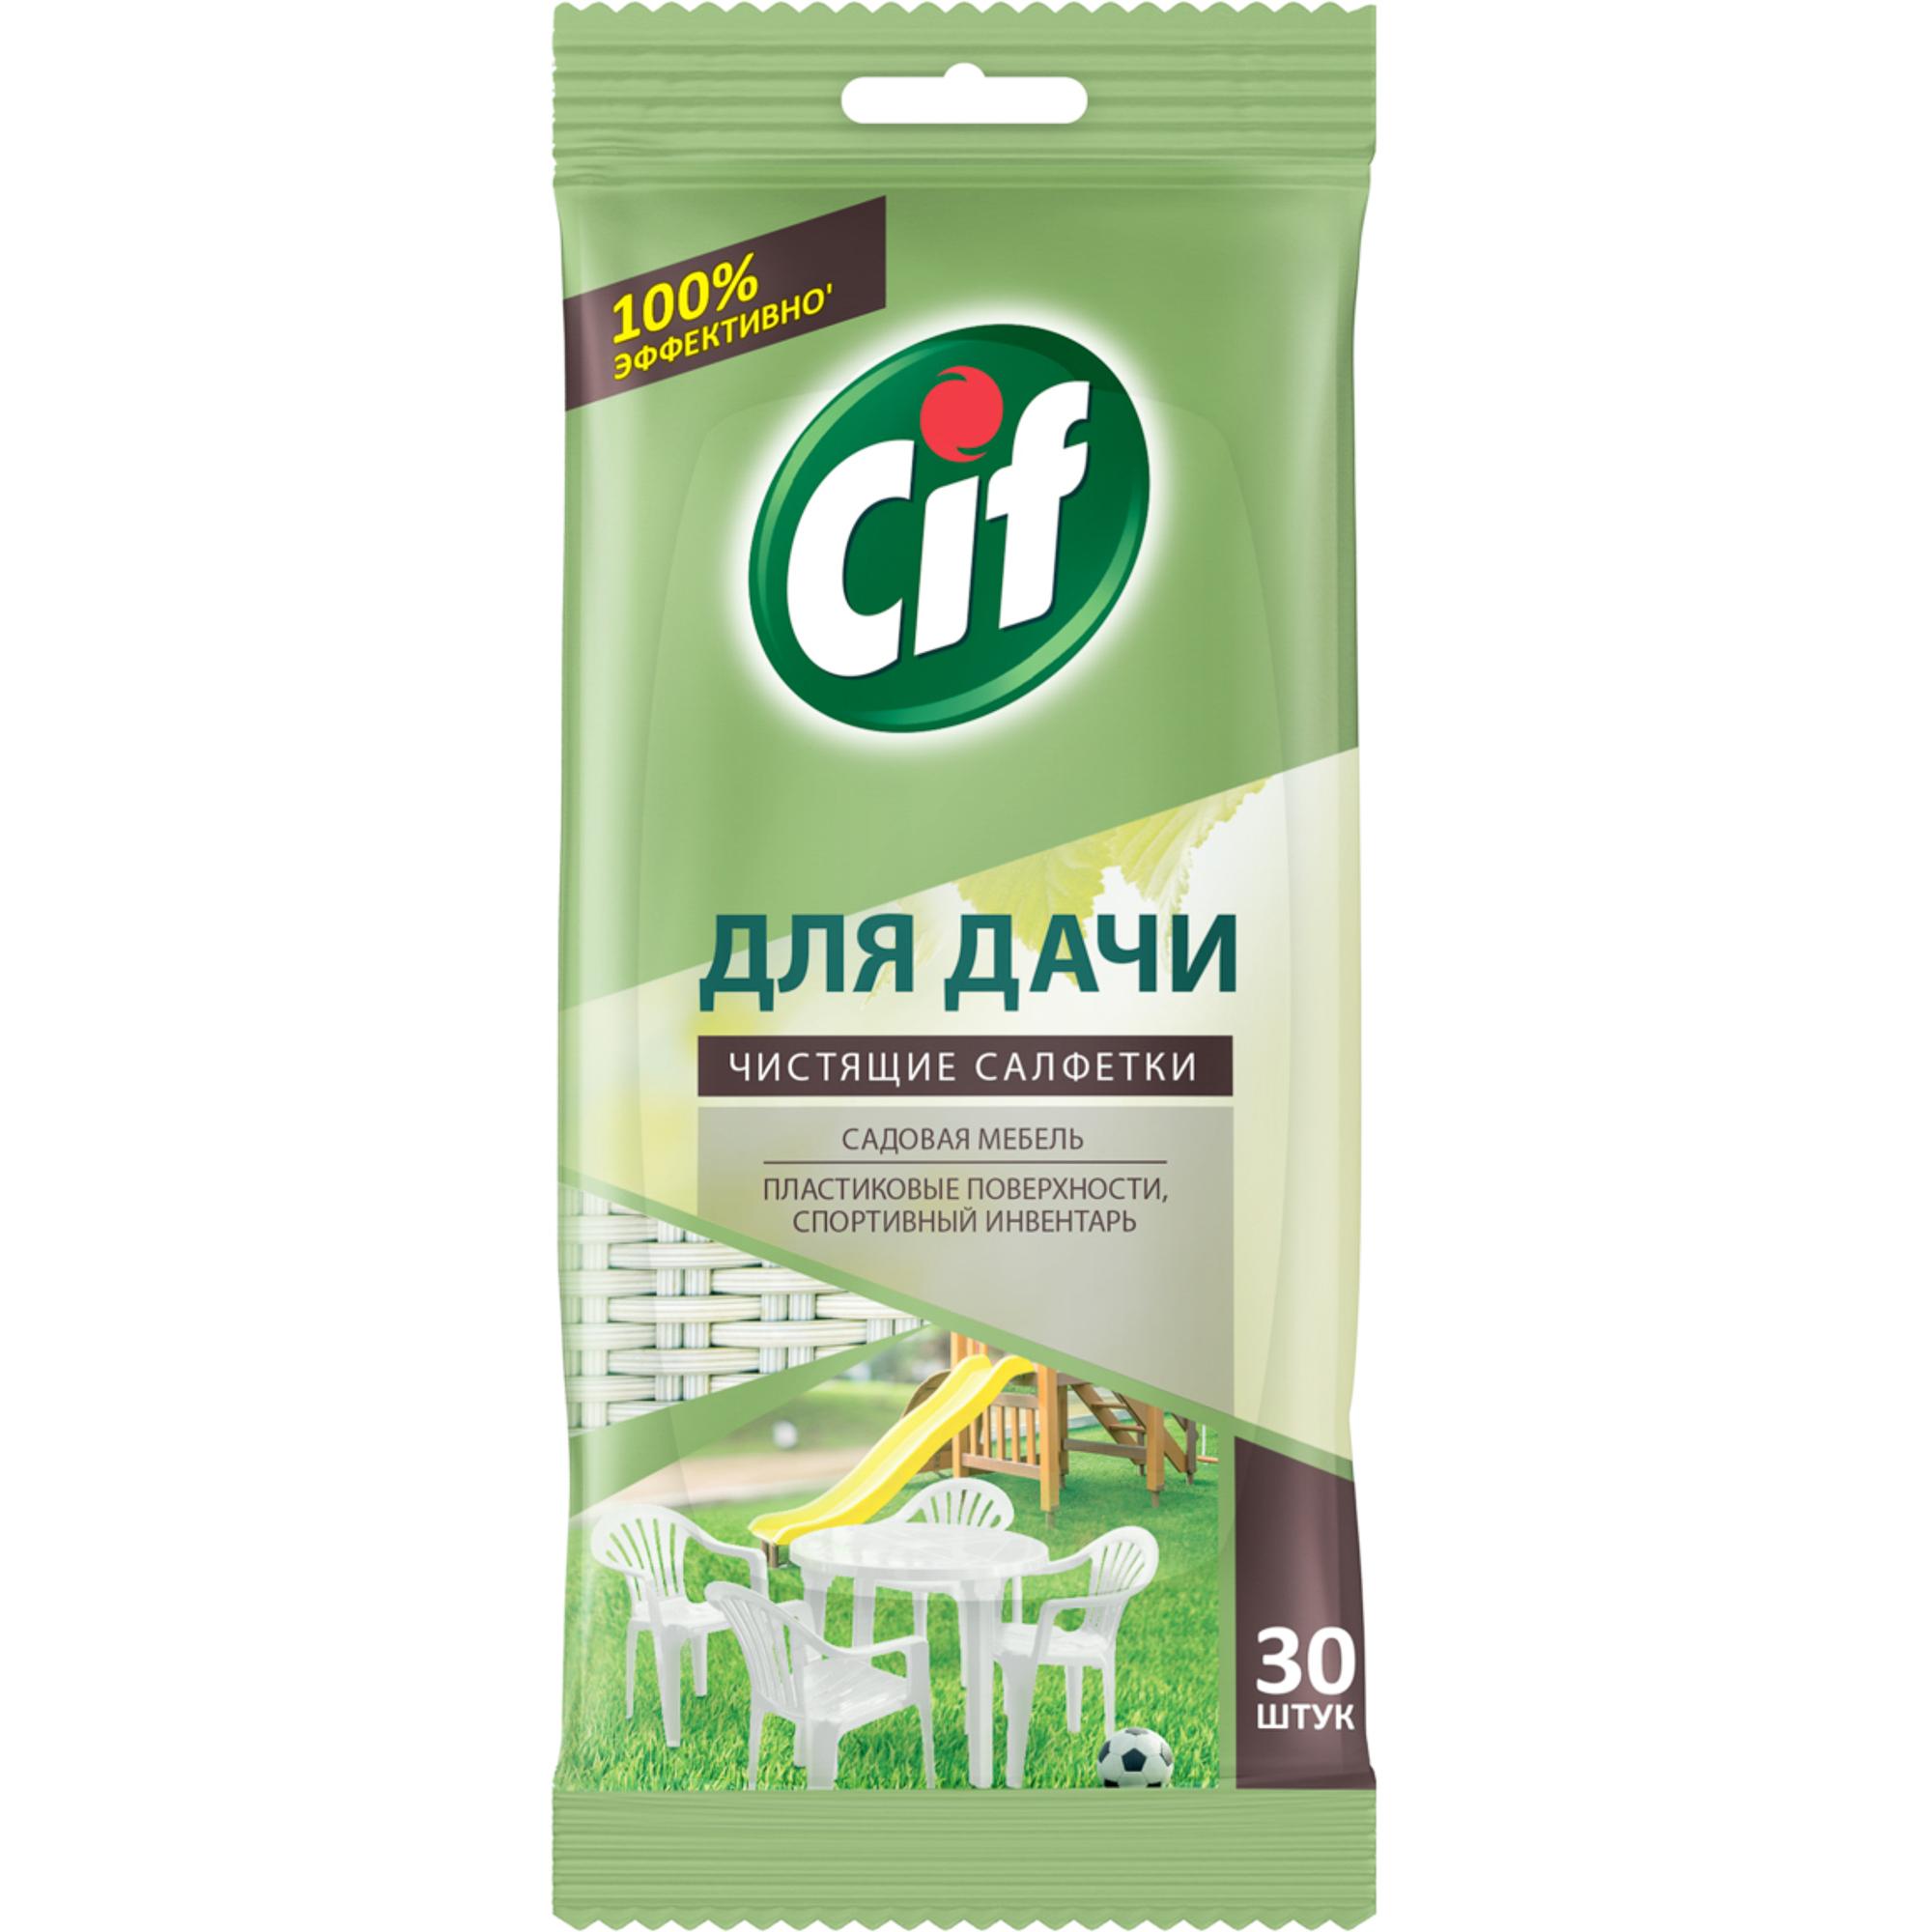 Чистящие салфетки Cif Для дачи Универсальные 30 шт